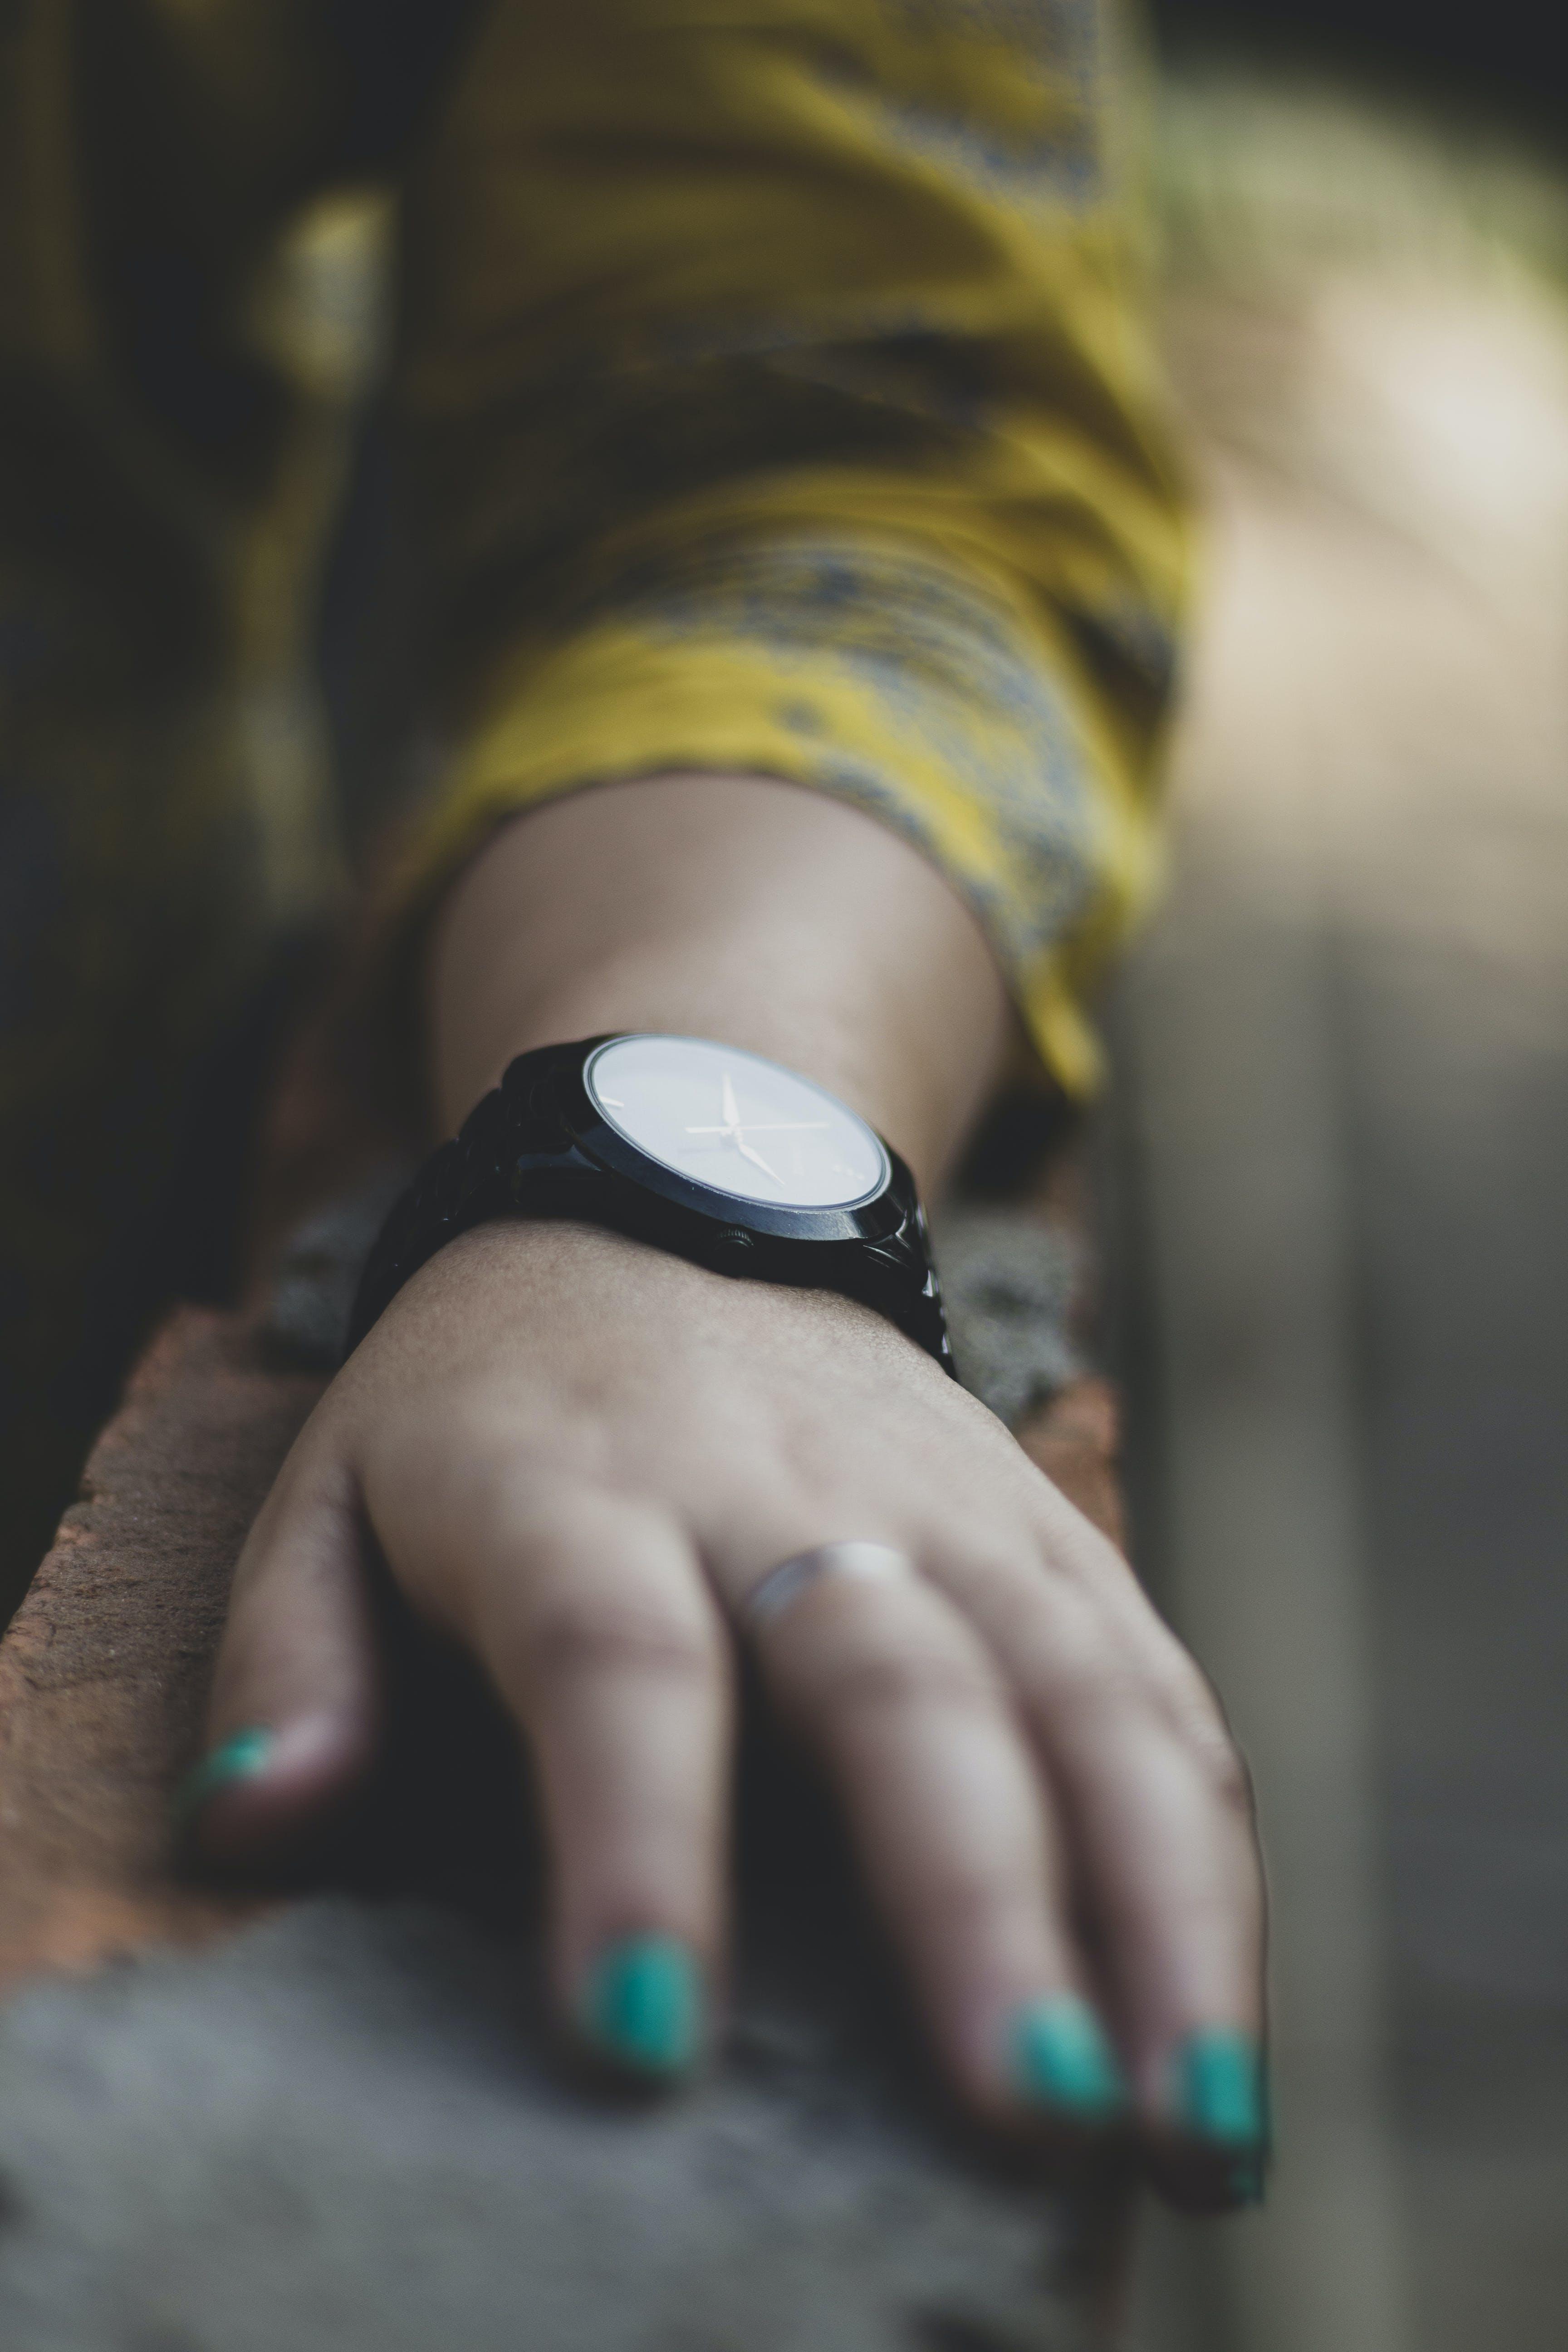 Foto profissional grátis de mão, profundidade de campo, relógio de pulso